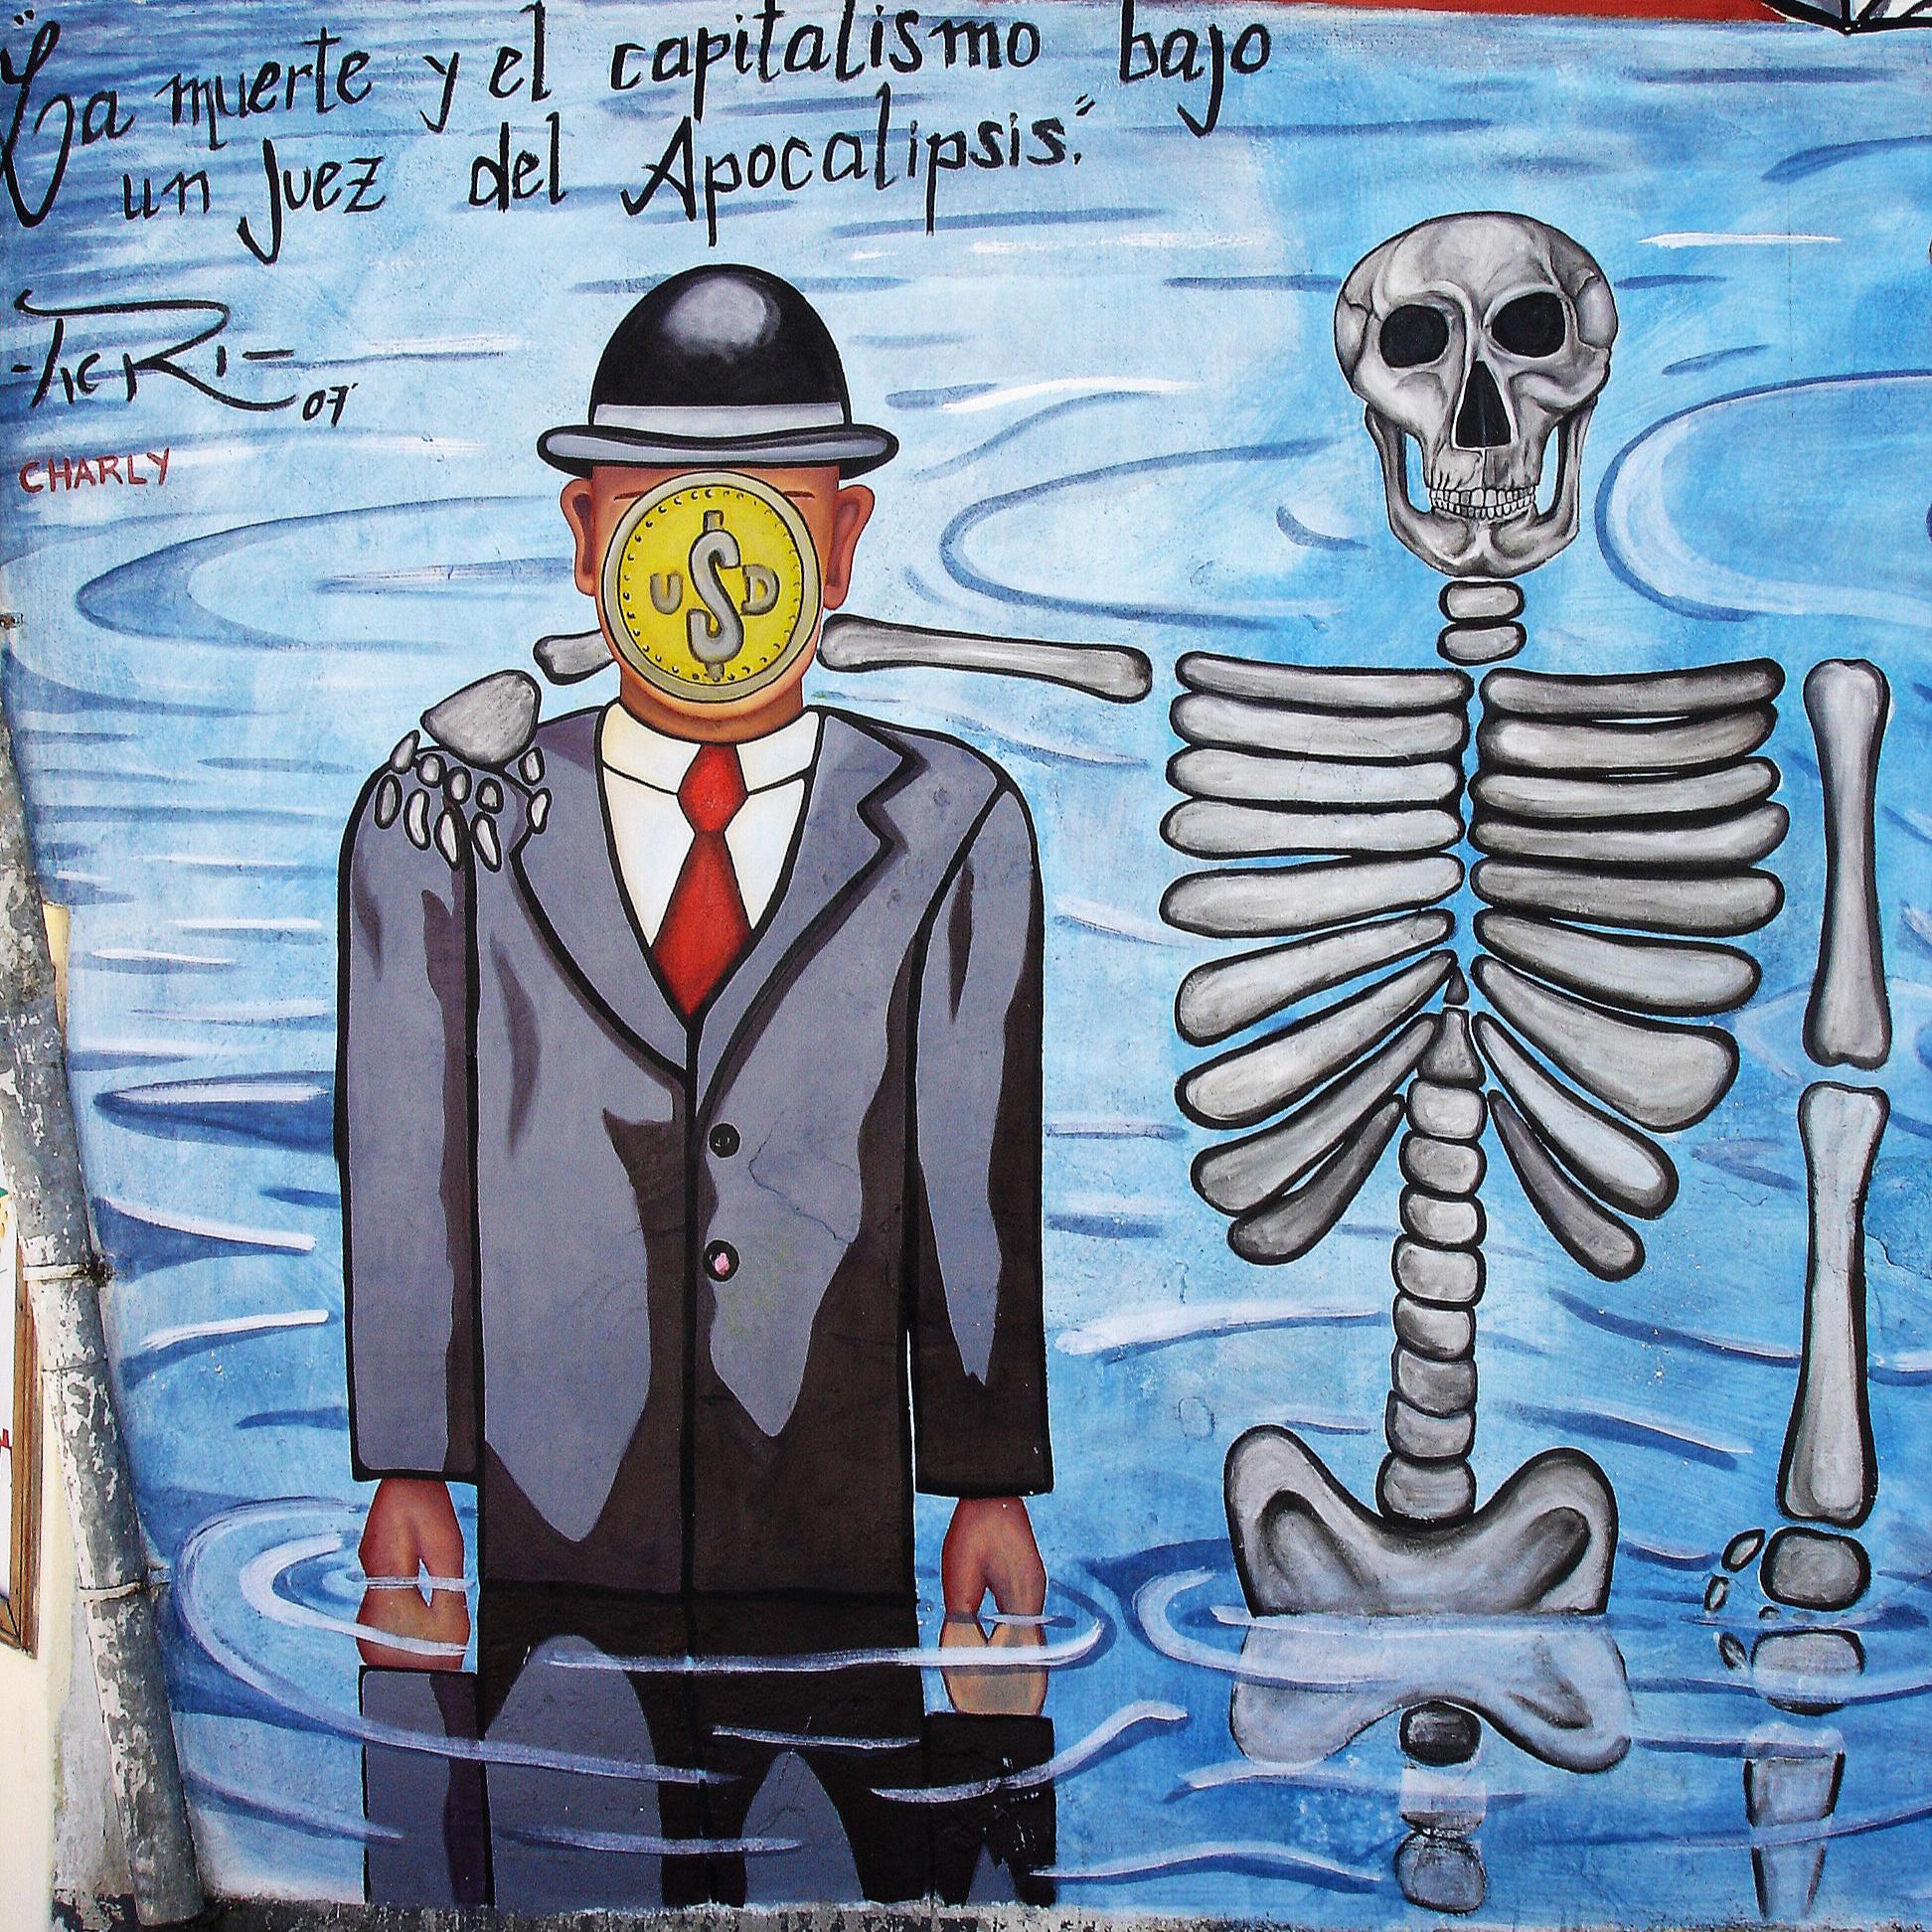 La muerte y el capitalismo bajo un juez del Apocalipsis - on the wall somewhere in Argentina